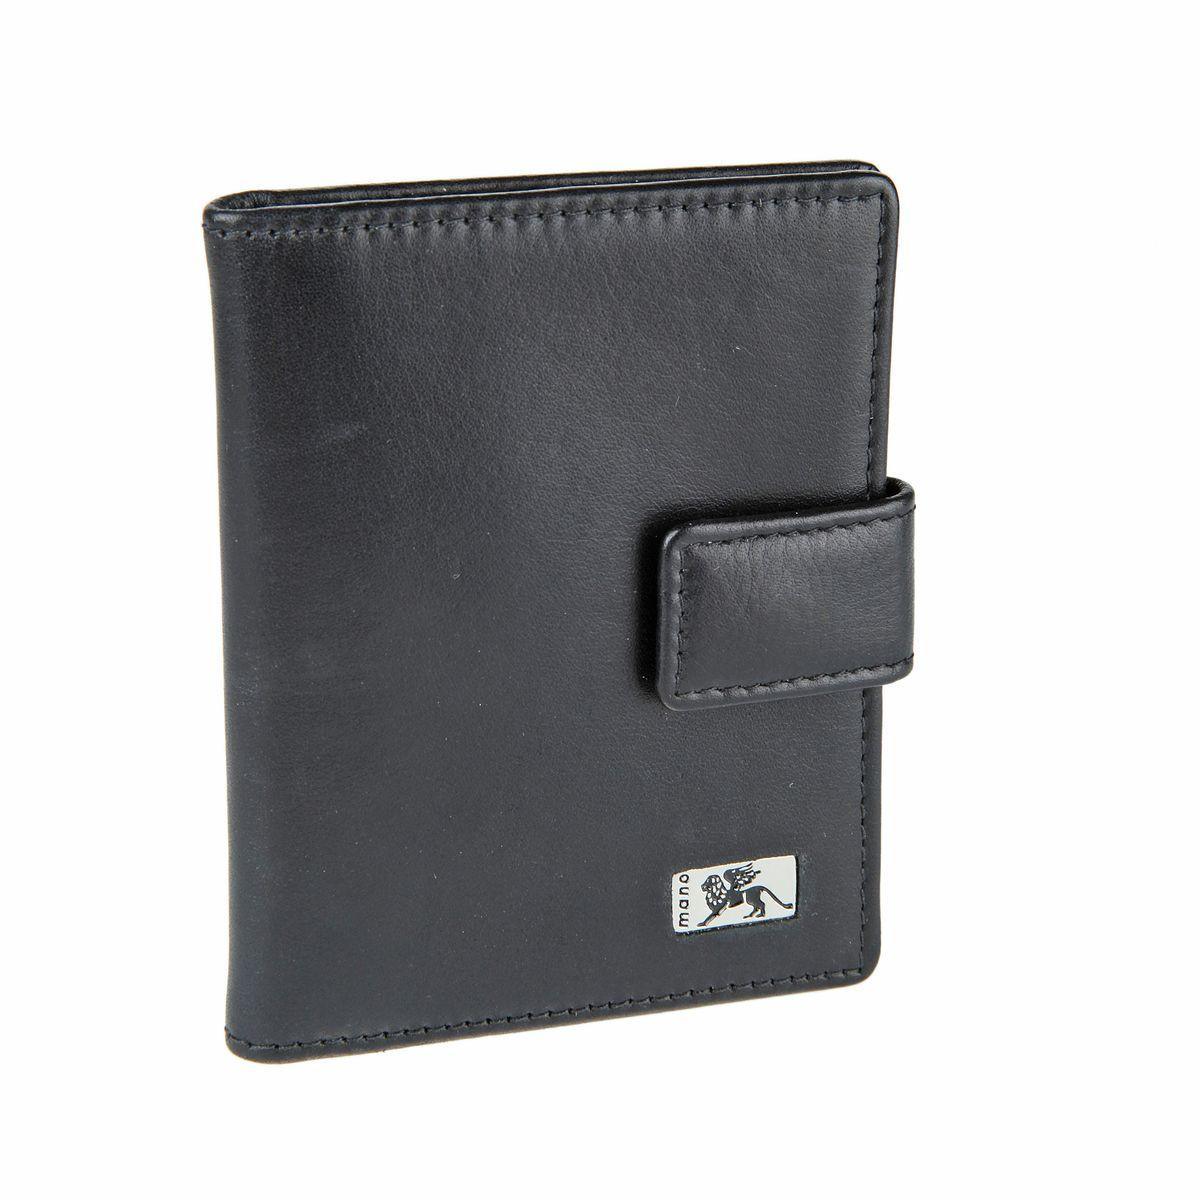 Визитница Mano, цвет: черный. 15814 linea15814 linea blackКомпактная вертикальная визитница Mano - стильная вещь для хранения визиток. Обложка визитницы выполнена из натуральной кожи. Внутри находится съемный блок с кармашками, рассчитанный на 10 визиток и два кармана . Визитница закрывается хлястиком на кнопку. Такая визитница станет замечательным подарком человеку, ценящему качественные и практичные вещи.